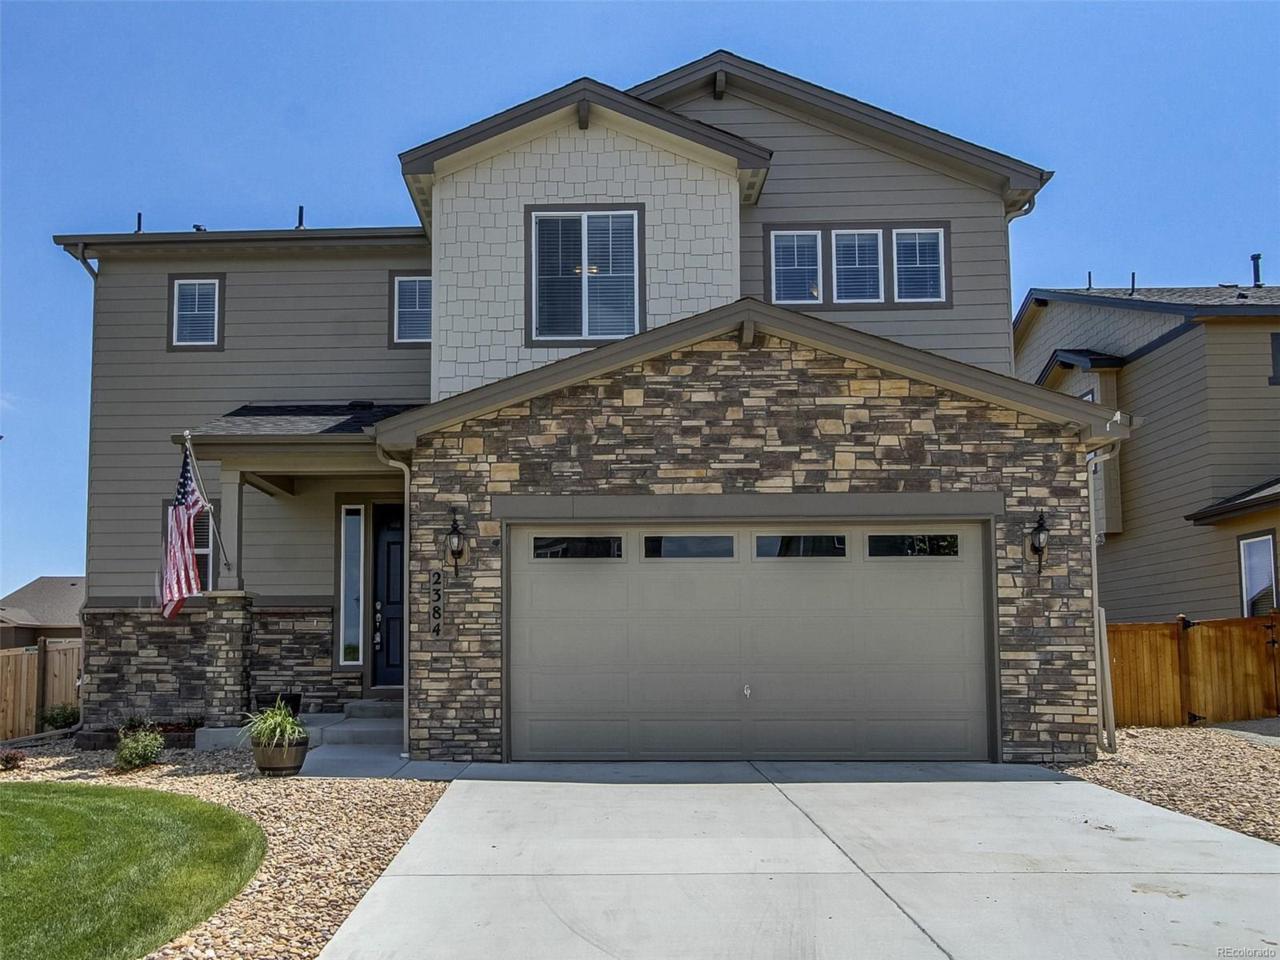 2384 Summerhill Drive, Castle Rock, CO 80108 (MLS #3459853) :: 8z Real Estate